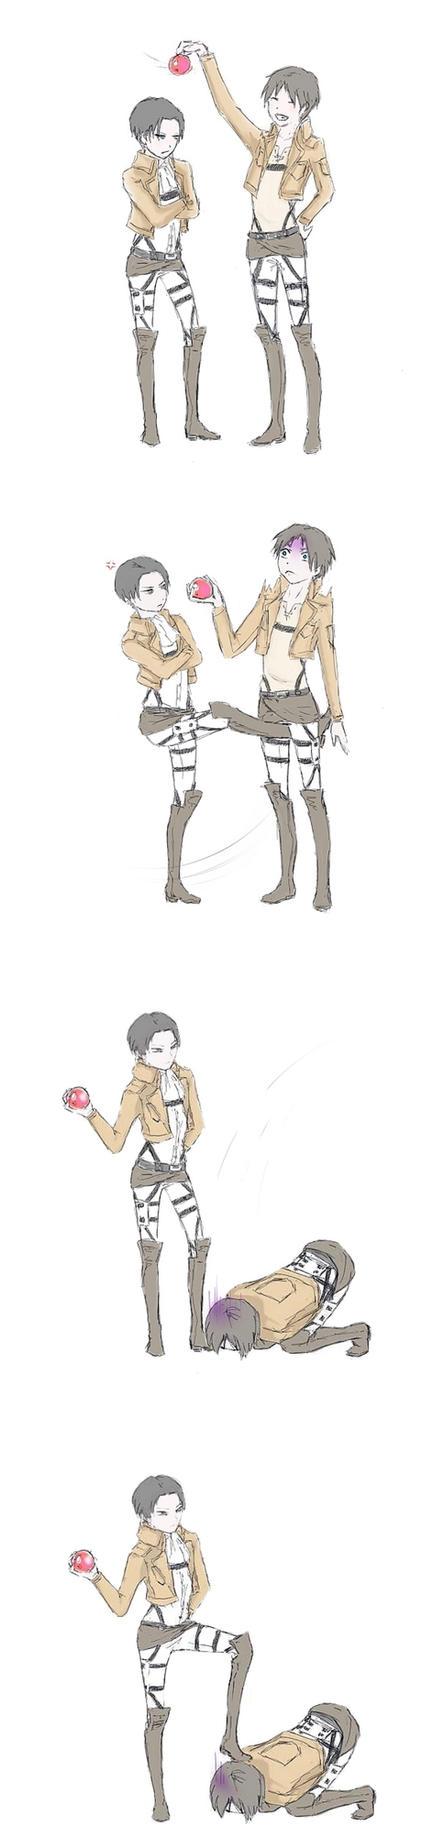 Shingeki no Kyojin by RiraR